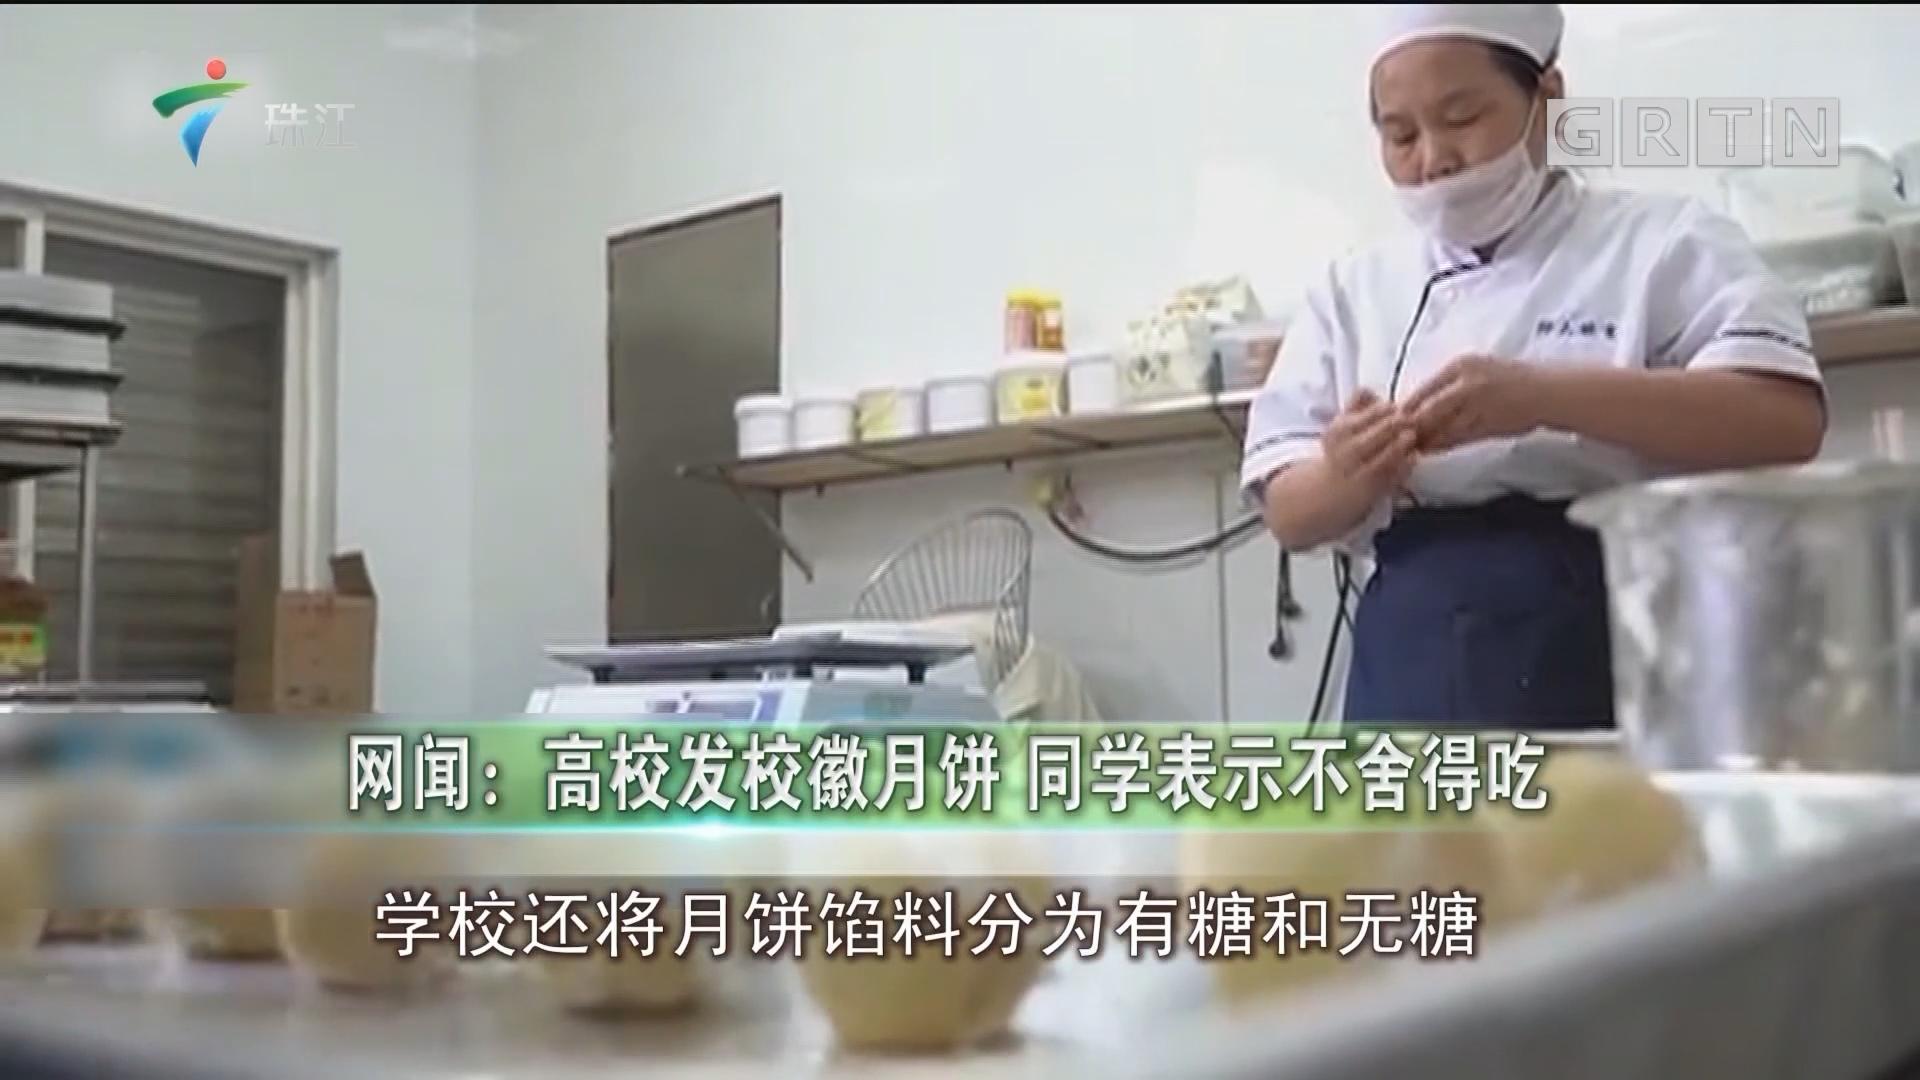 网闻:高校发校徽月饼 同学表示不舍得吃